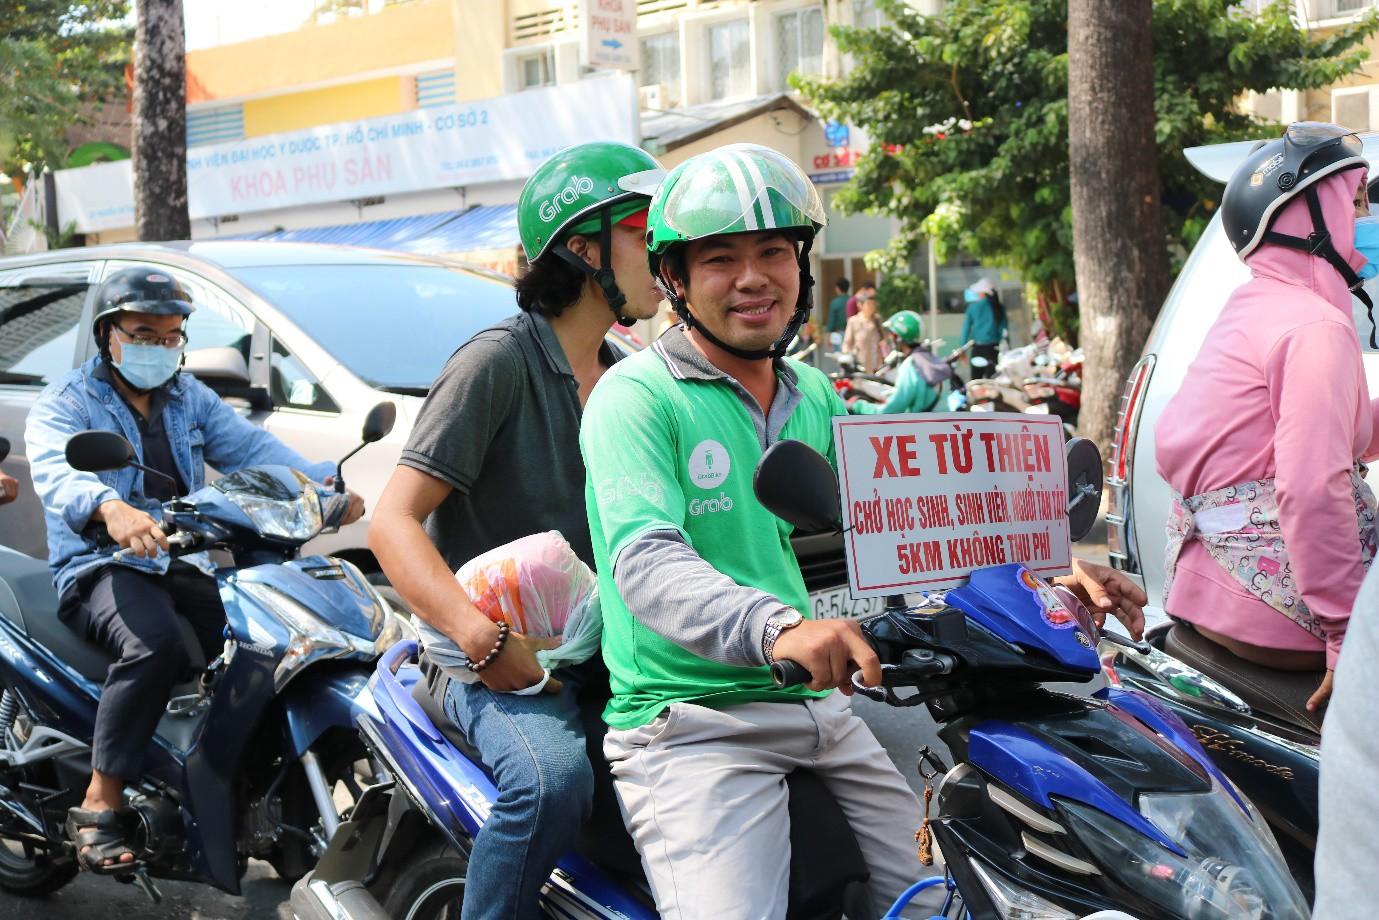 Chàng tài xế Grab và tấm bảng 'xe từ thiện chở học sinh, sinh viên, người tàn tật - 5 km không thu phí' - Ảnh 4.